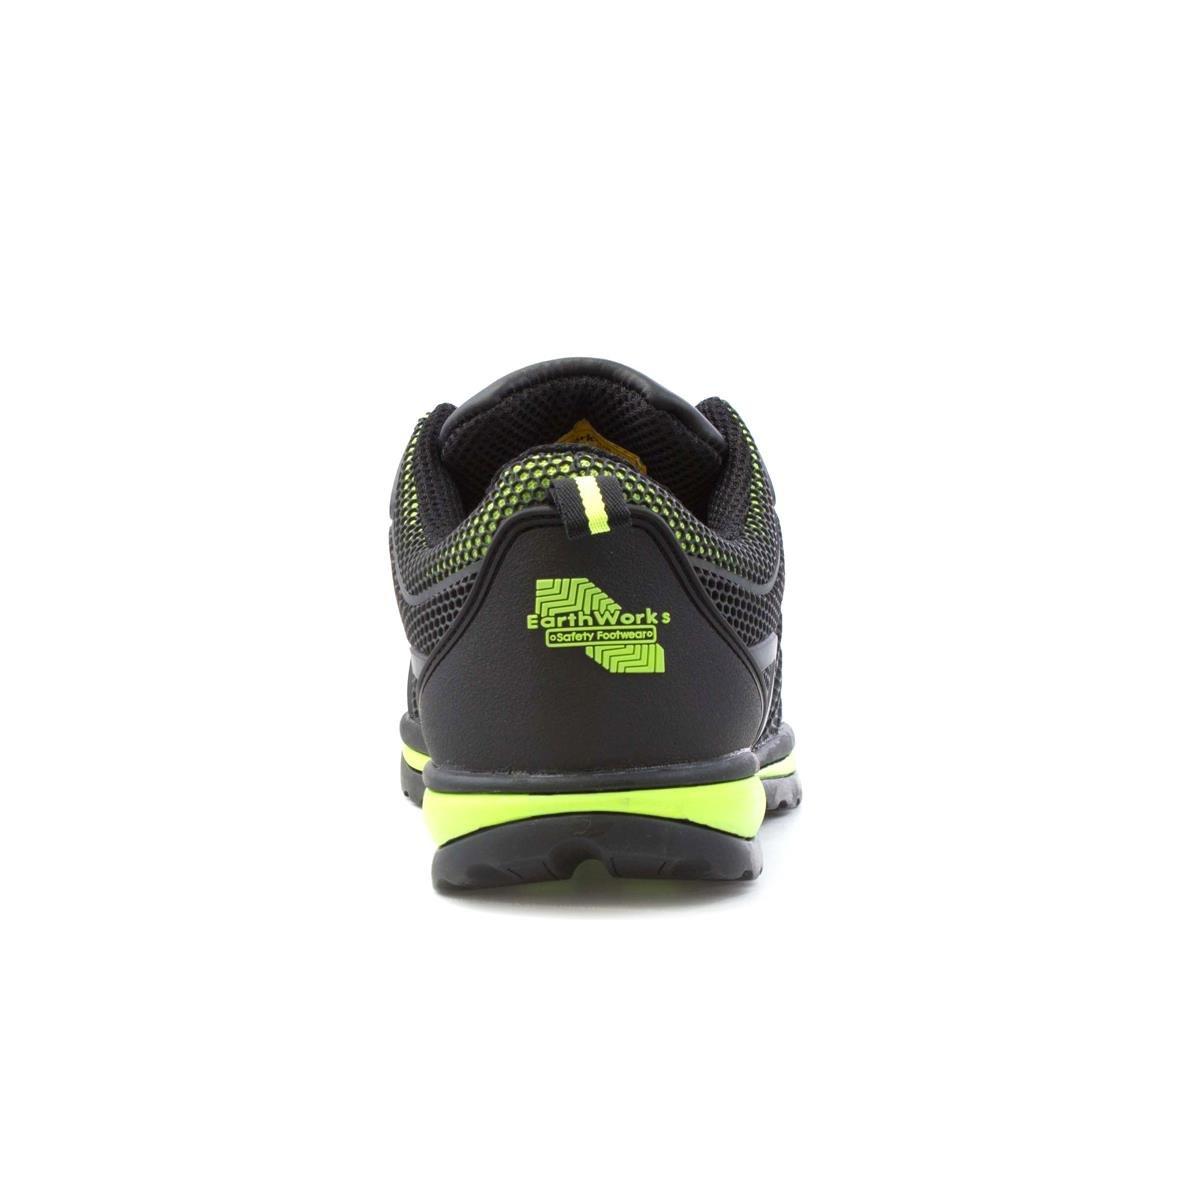 Earth Works Safety Schwarzes und Kalk-Ineinandergreifen-Sicherheit Schuh für Männer durch Earthworks - Größe 8 UK/42 EU - Schwarz dXeguOaH